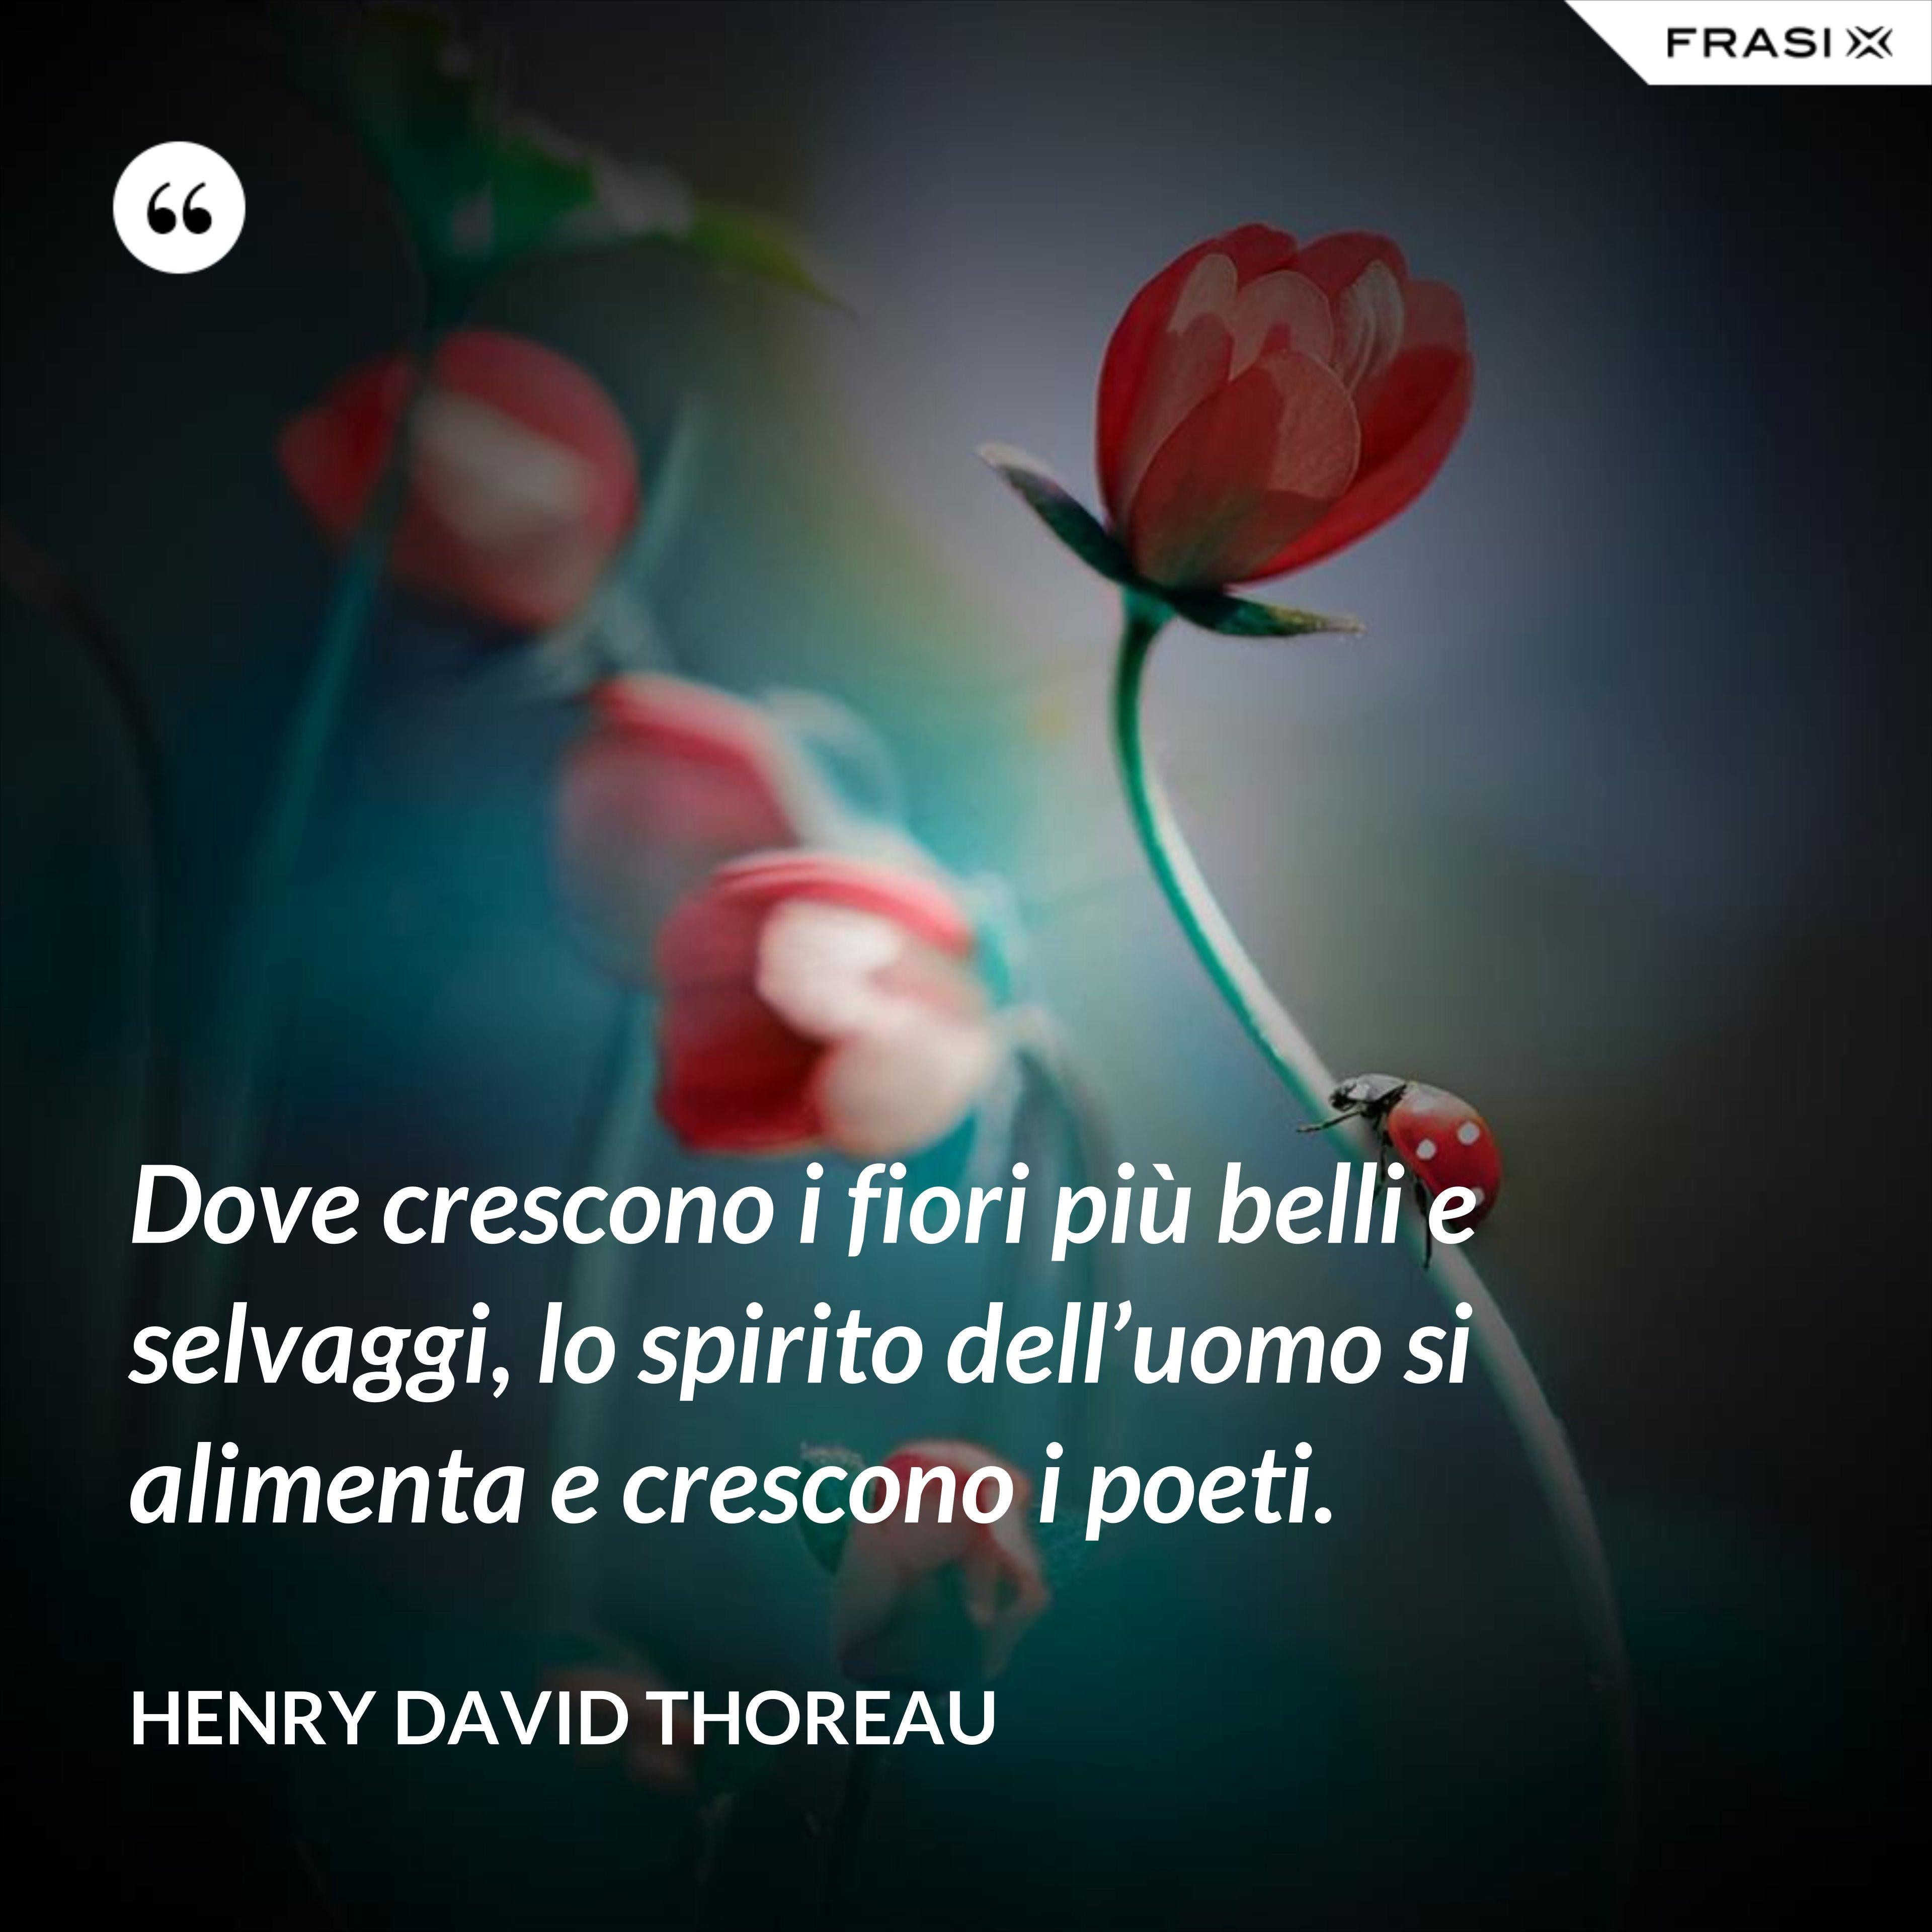 Dove crescono i fiori più belli e selvaggi, lo spirito dell'uomo si alimenta e crescono i poeti. - Henry David Thoreau